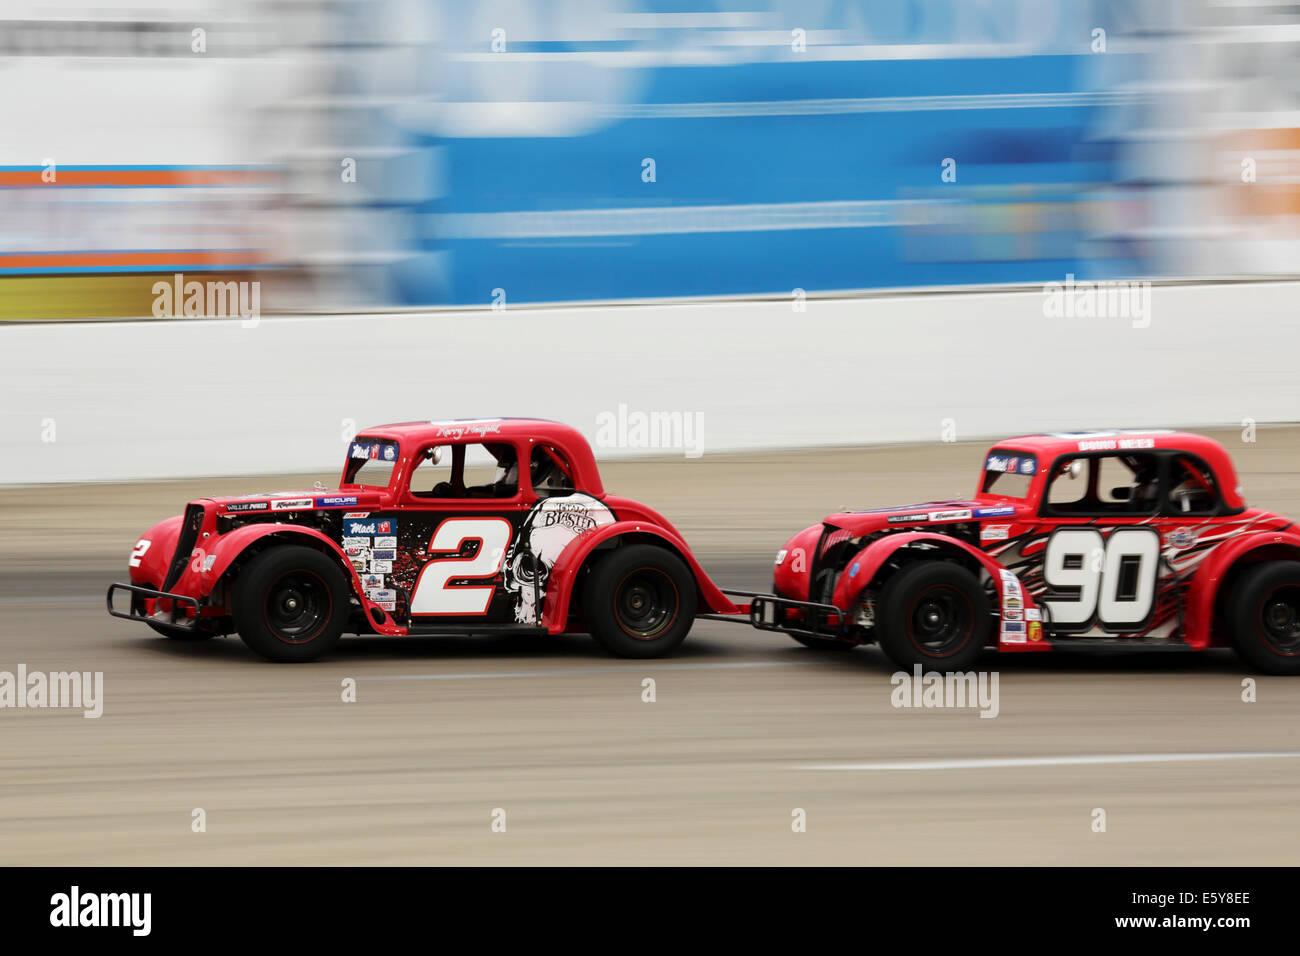 Motorsport auf dem Auto Clearing Motor Speedway Rennstrecke in Saskatoon, Saskatchewan, Kanada. Stockbild